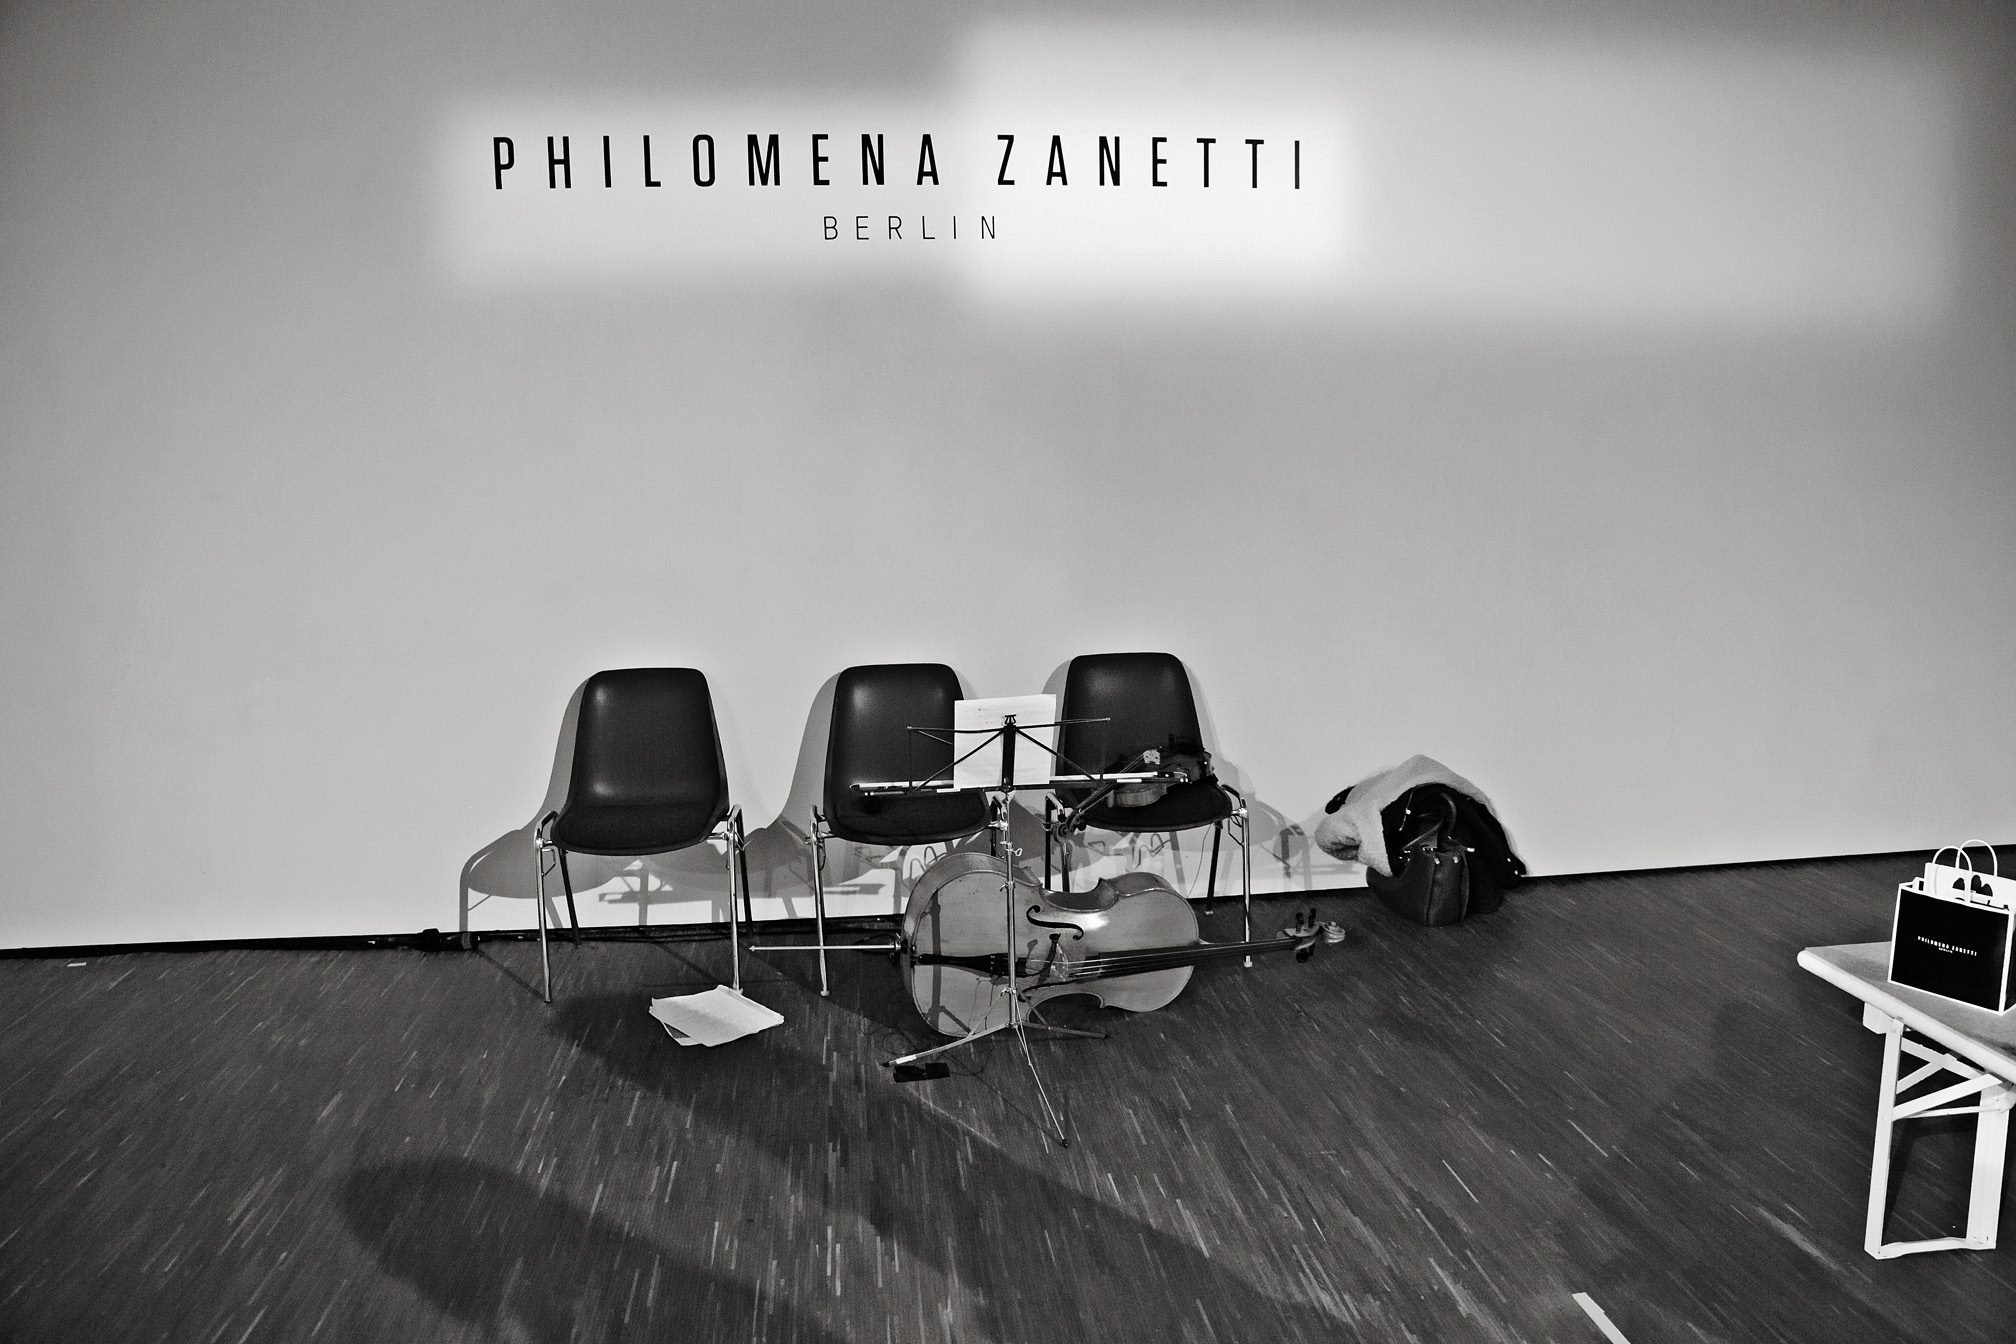 Philomena Zanetti FW17